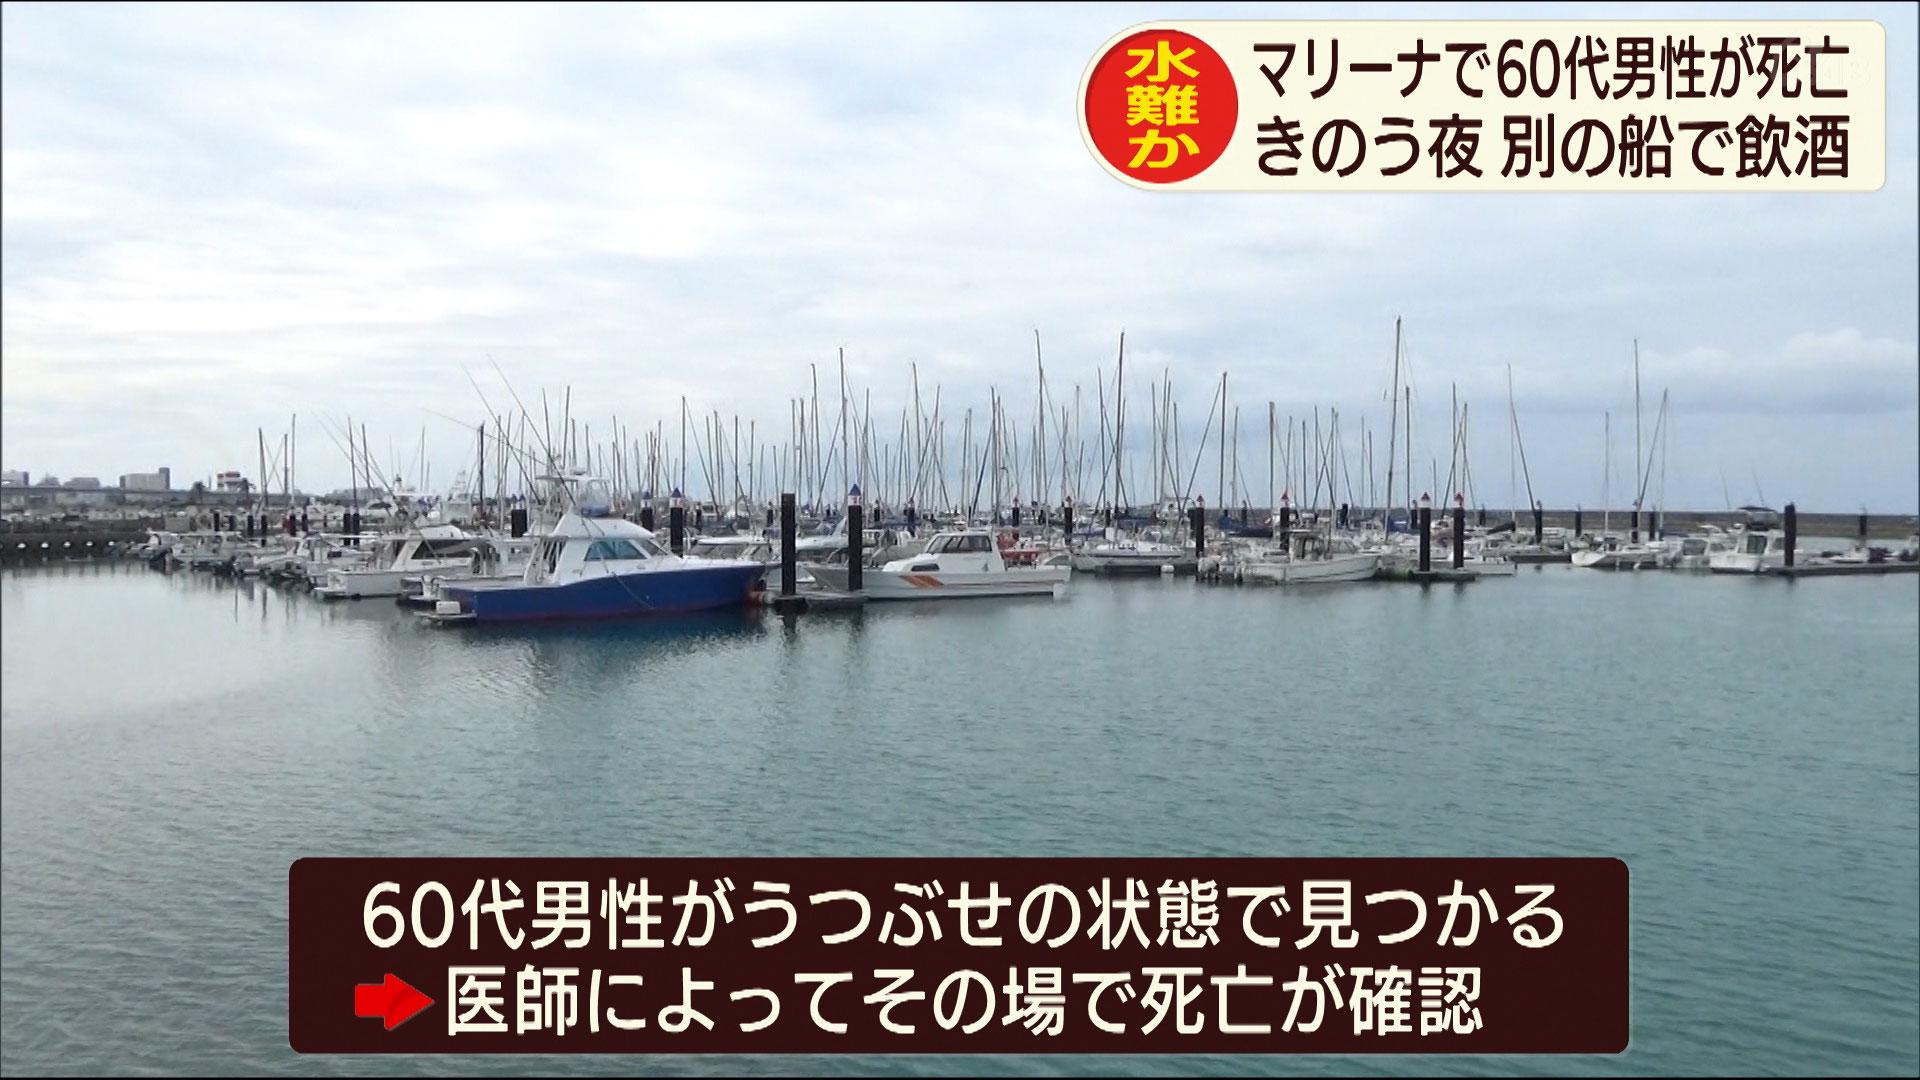 宜野湾市で水難事故 60代男性が死亡